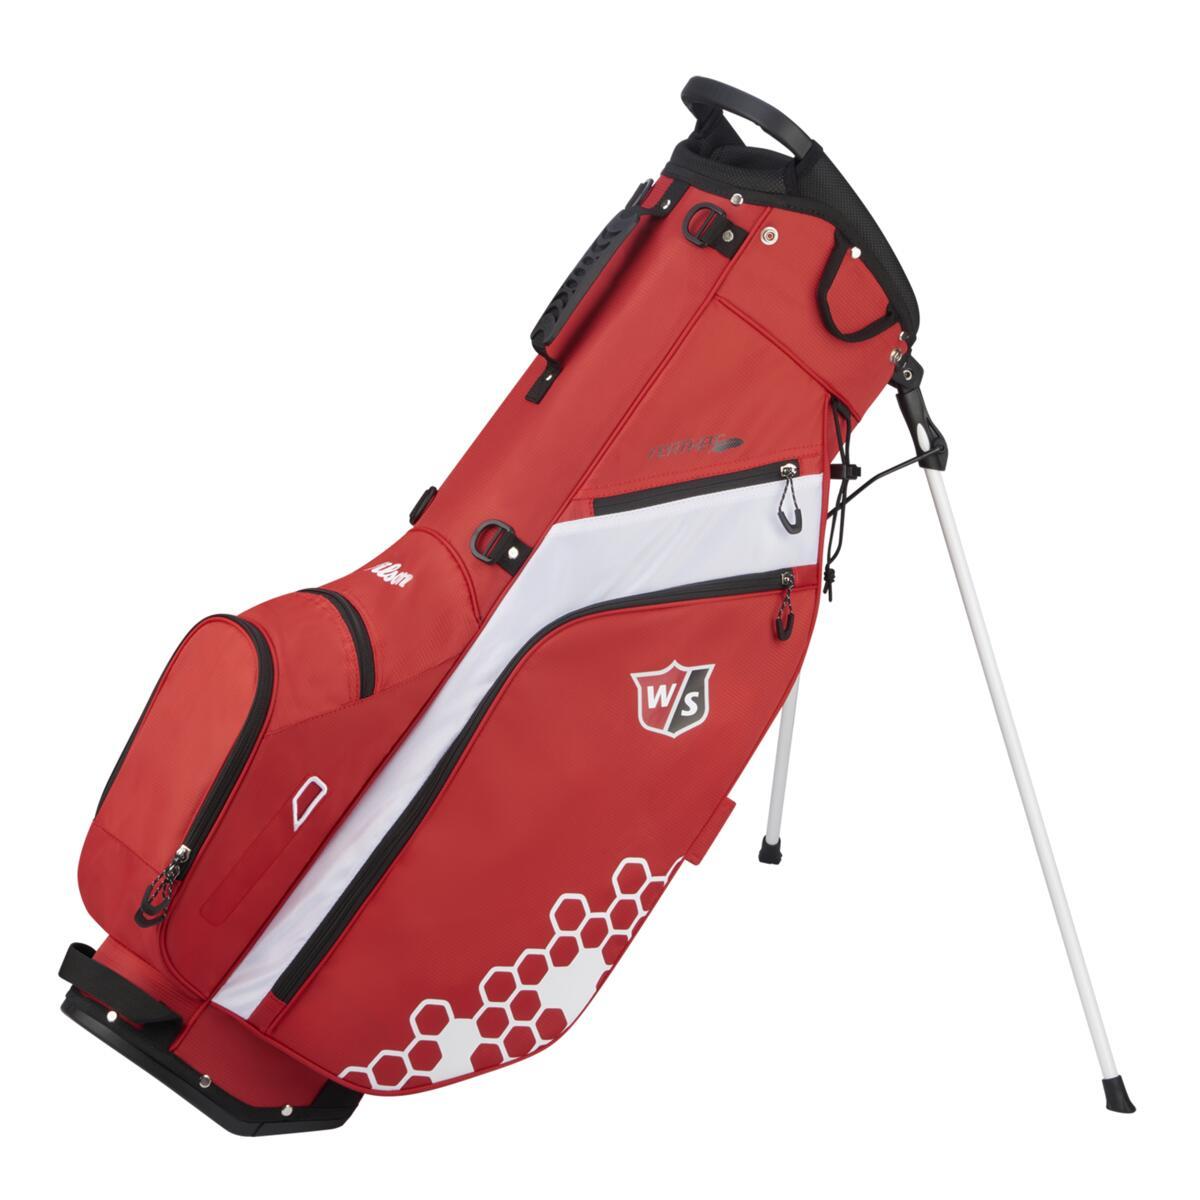 Wilson - W/S FEATHER Golf Bag BLBLGY RDWHWH